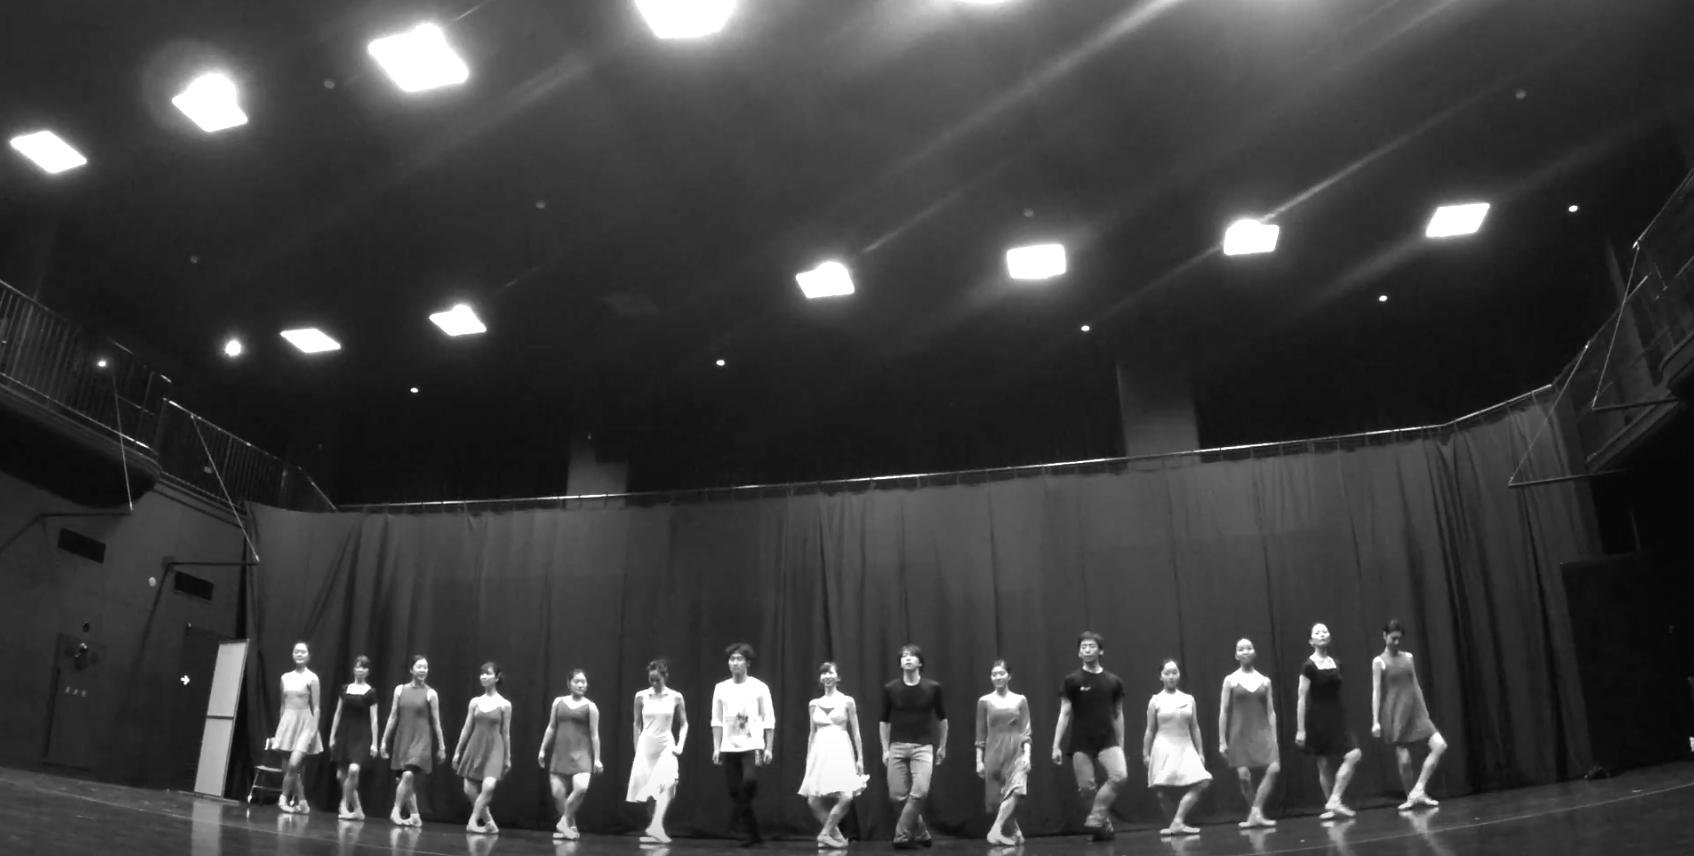 新感覚ライブバレエパフォーマンス『DAIFUKU』Vol.3 Mixture 予告画像第3弾公開!!